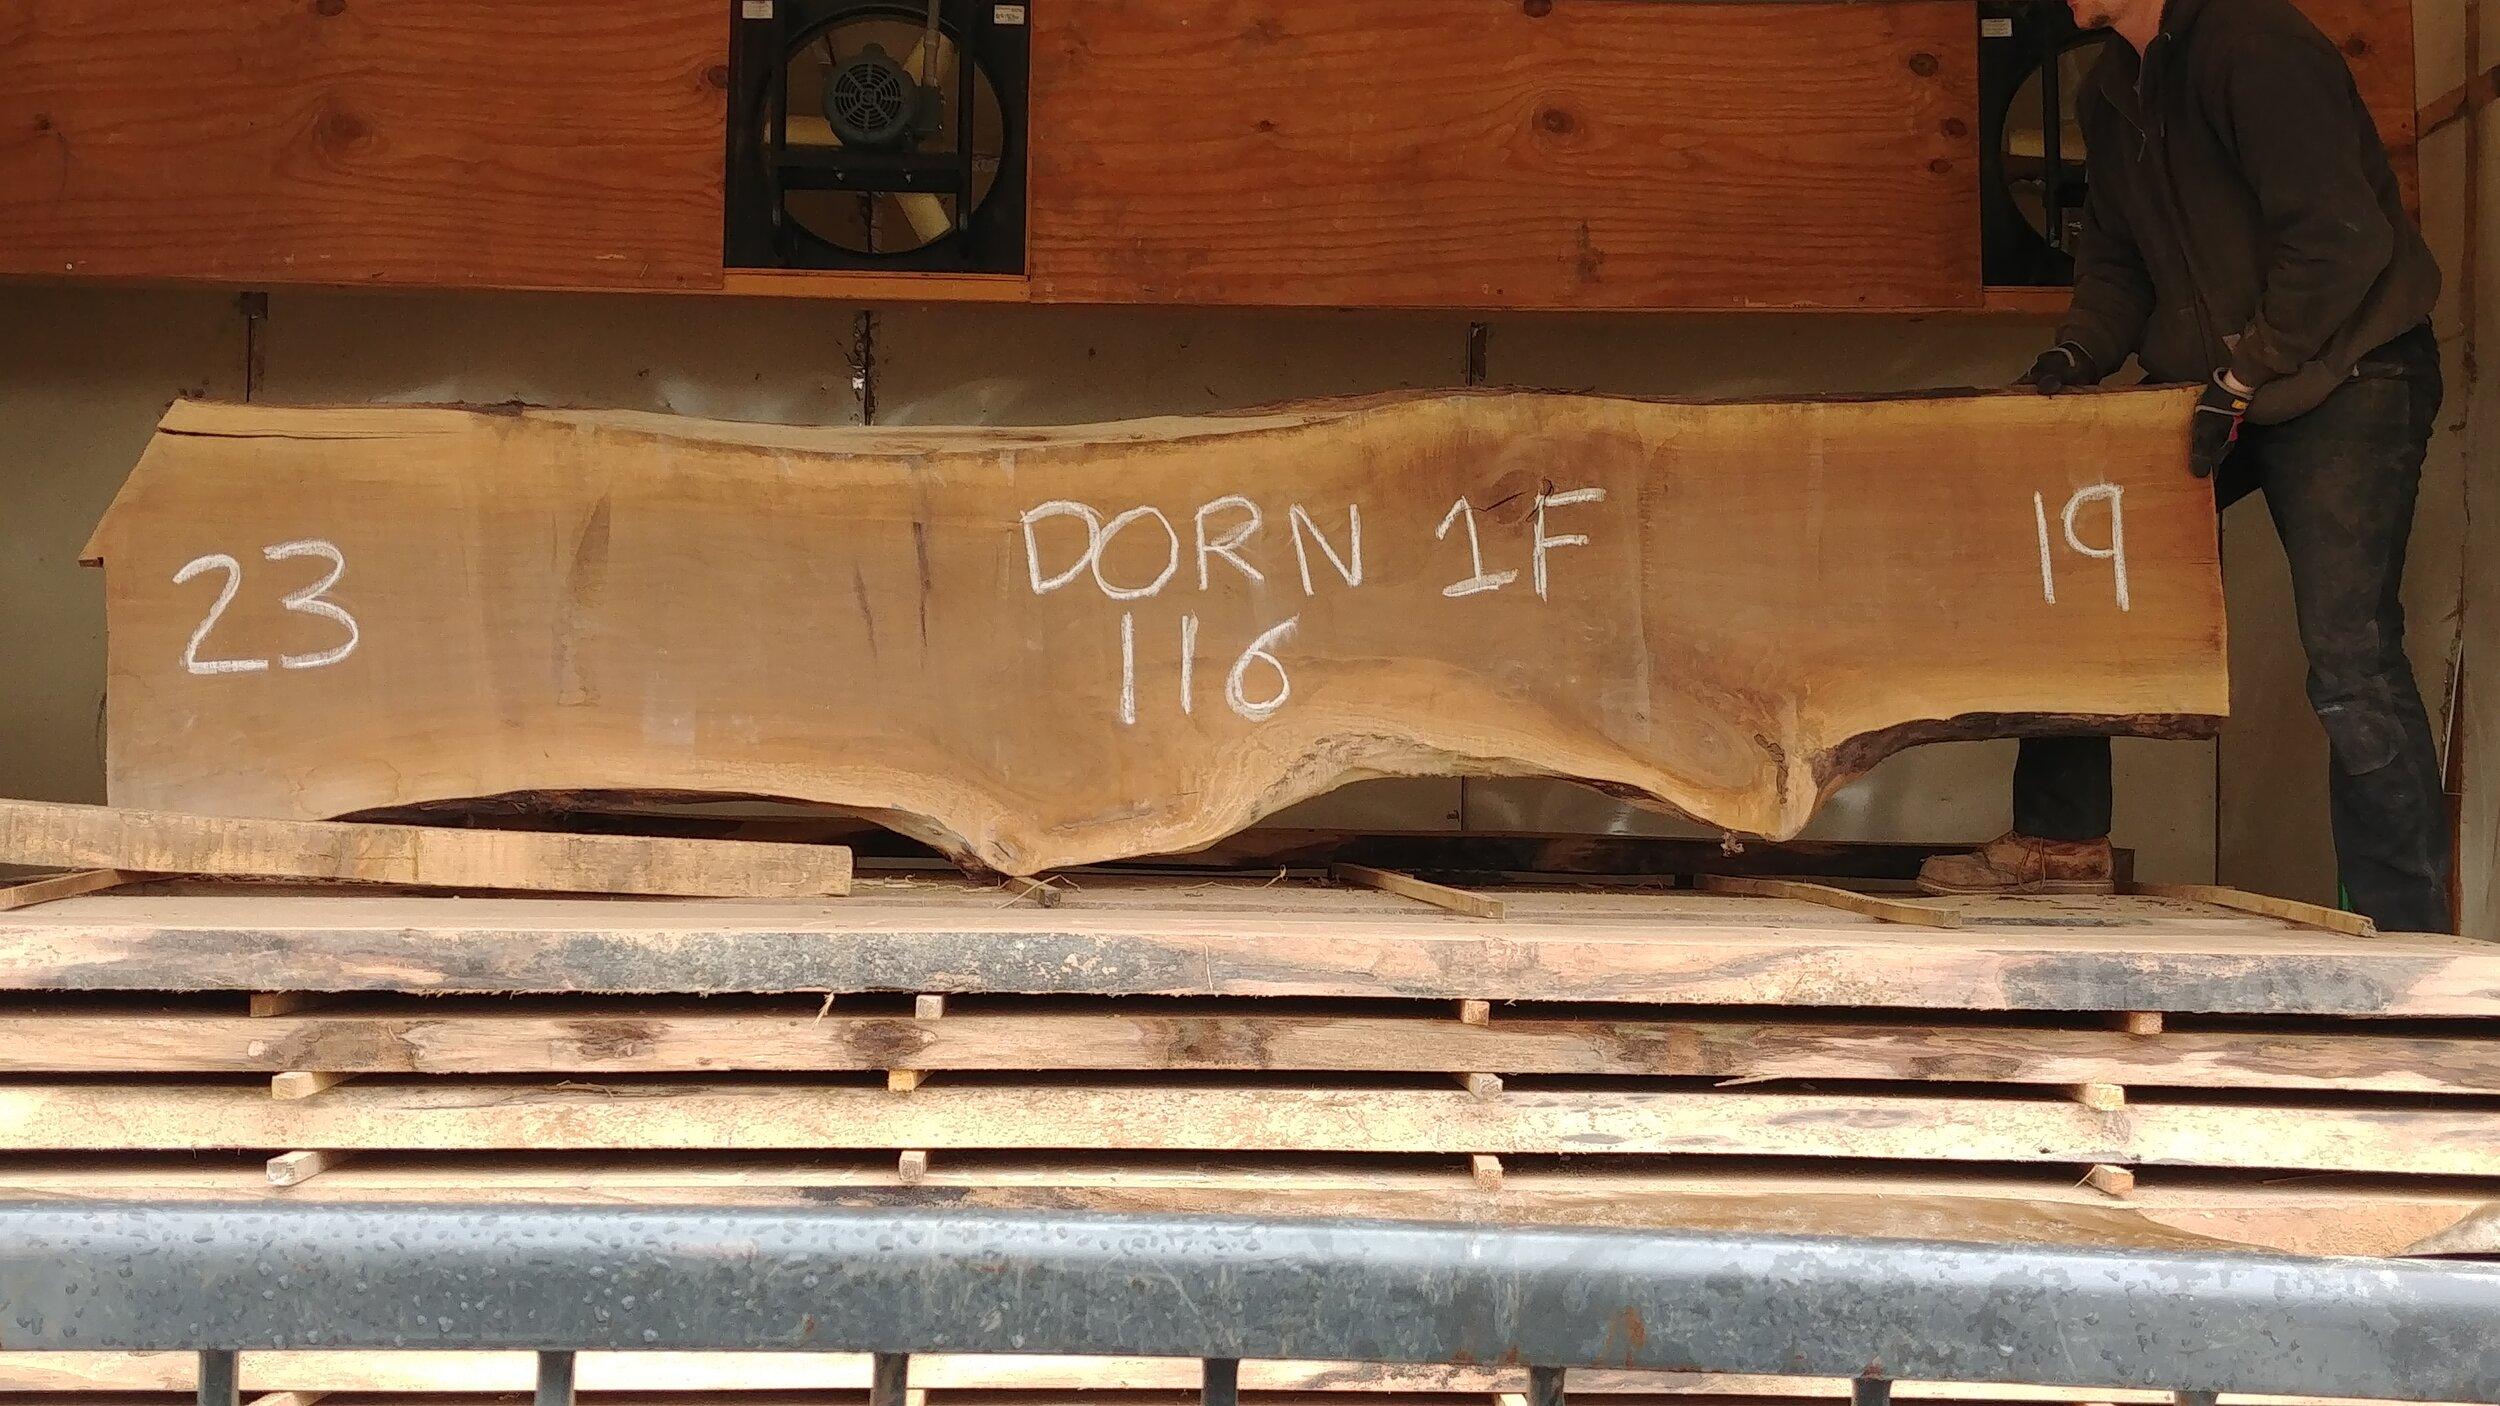 Dorn 1F.jpg